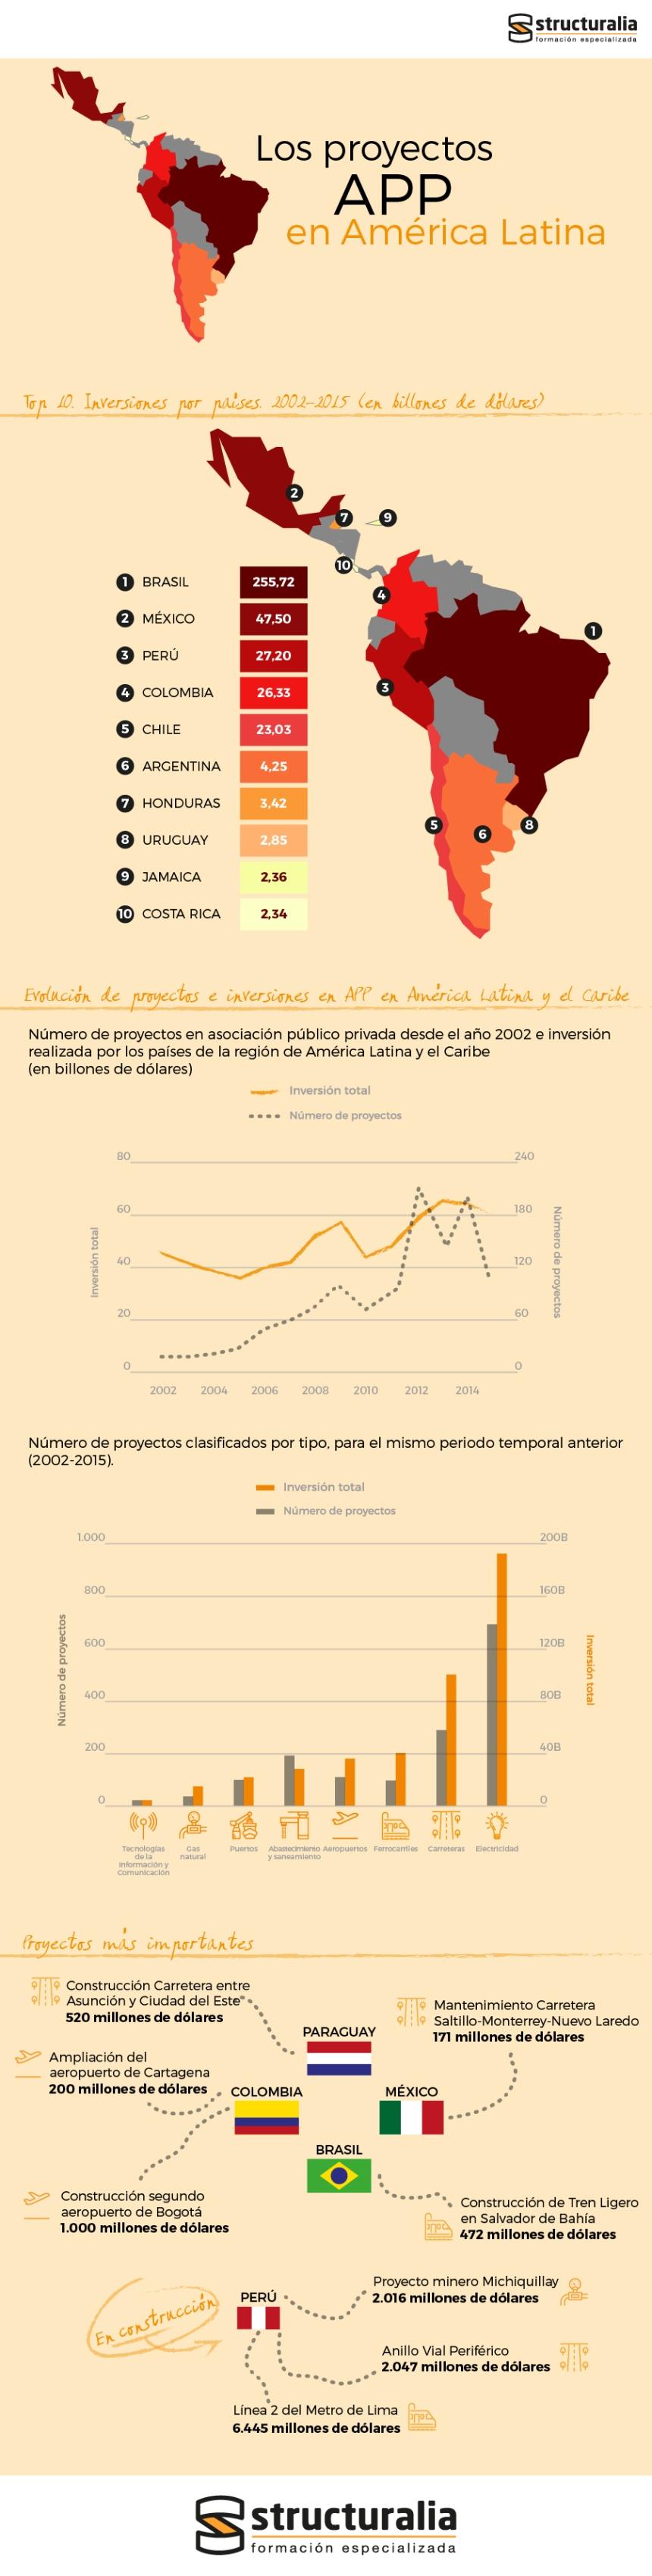 Proyectos APP en América Latina